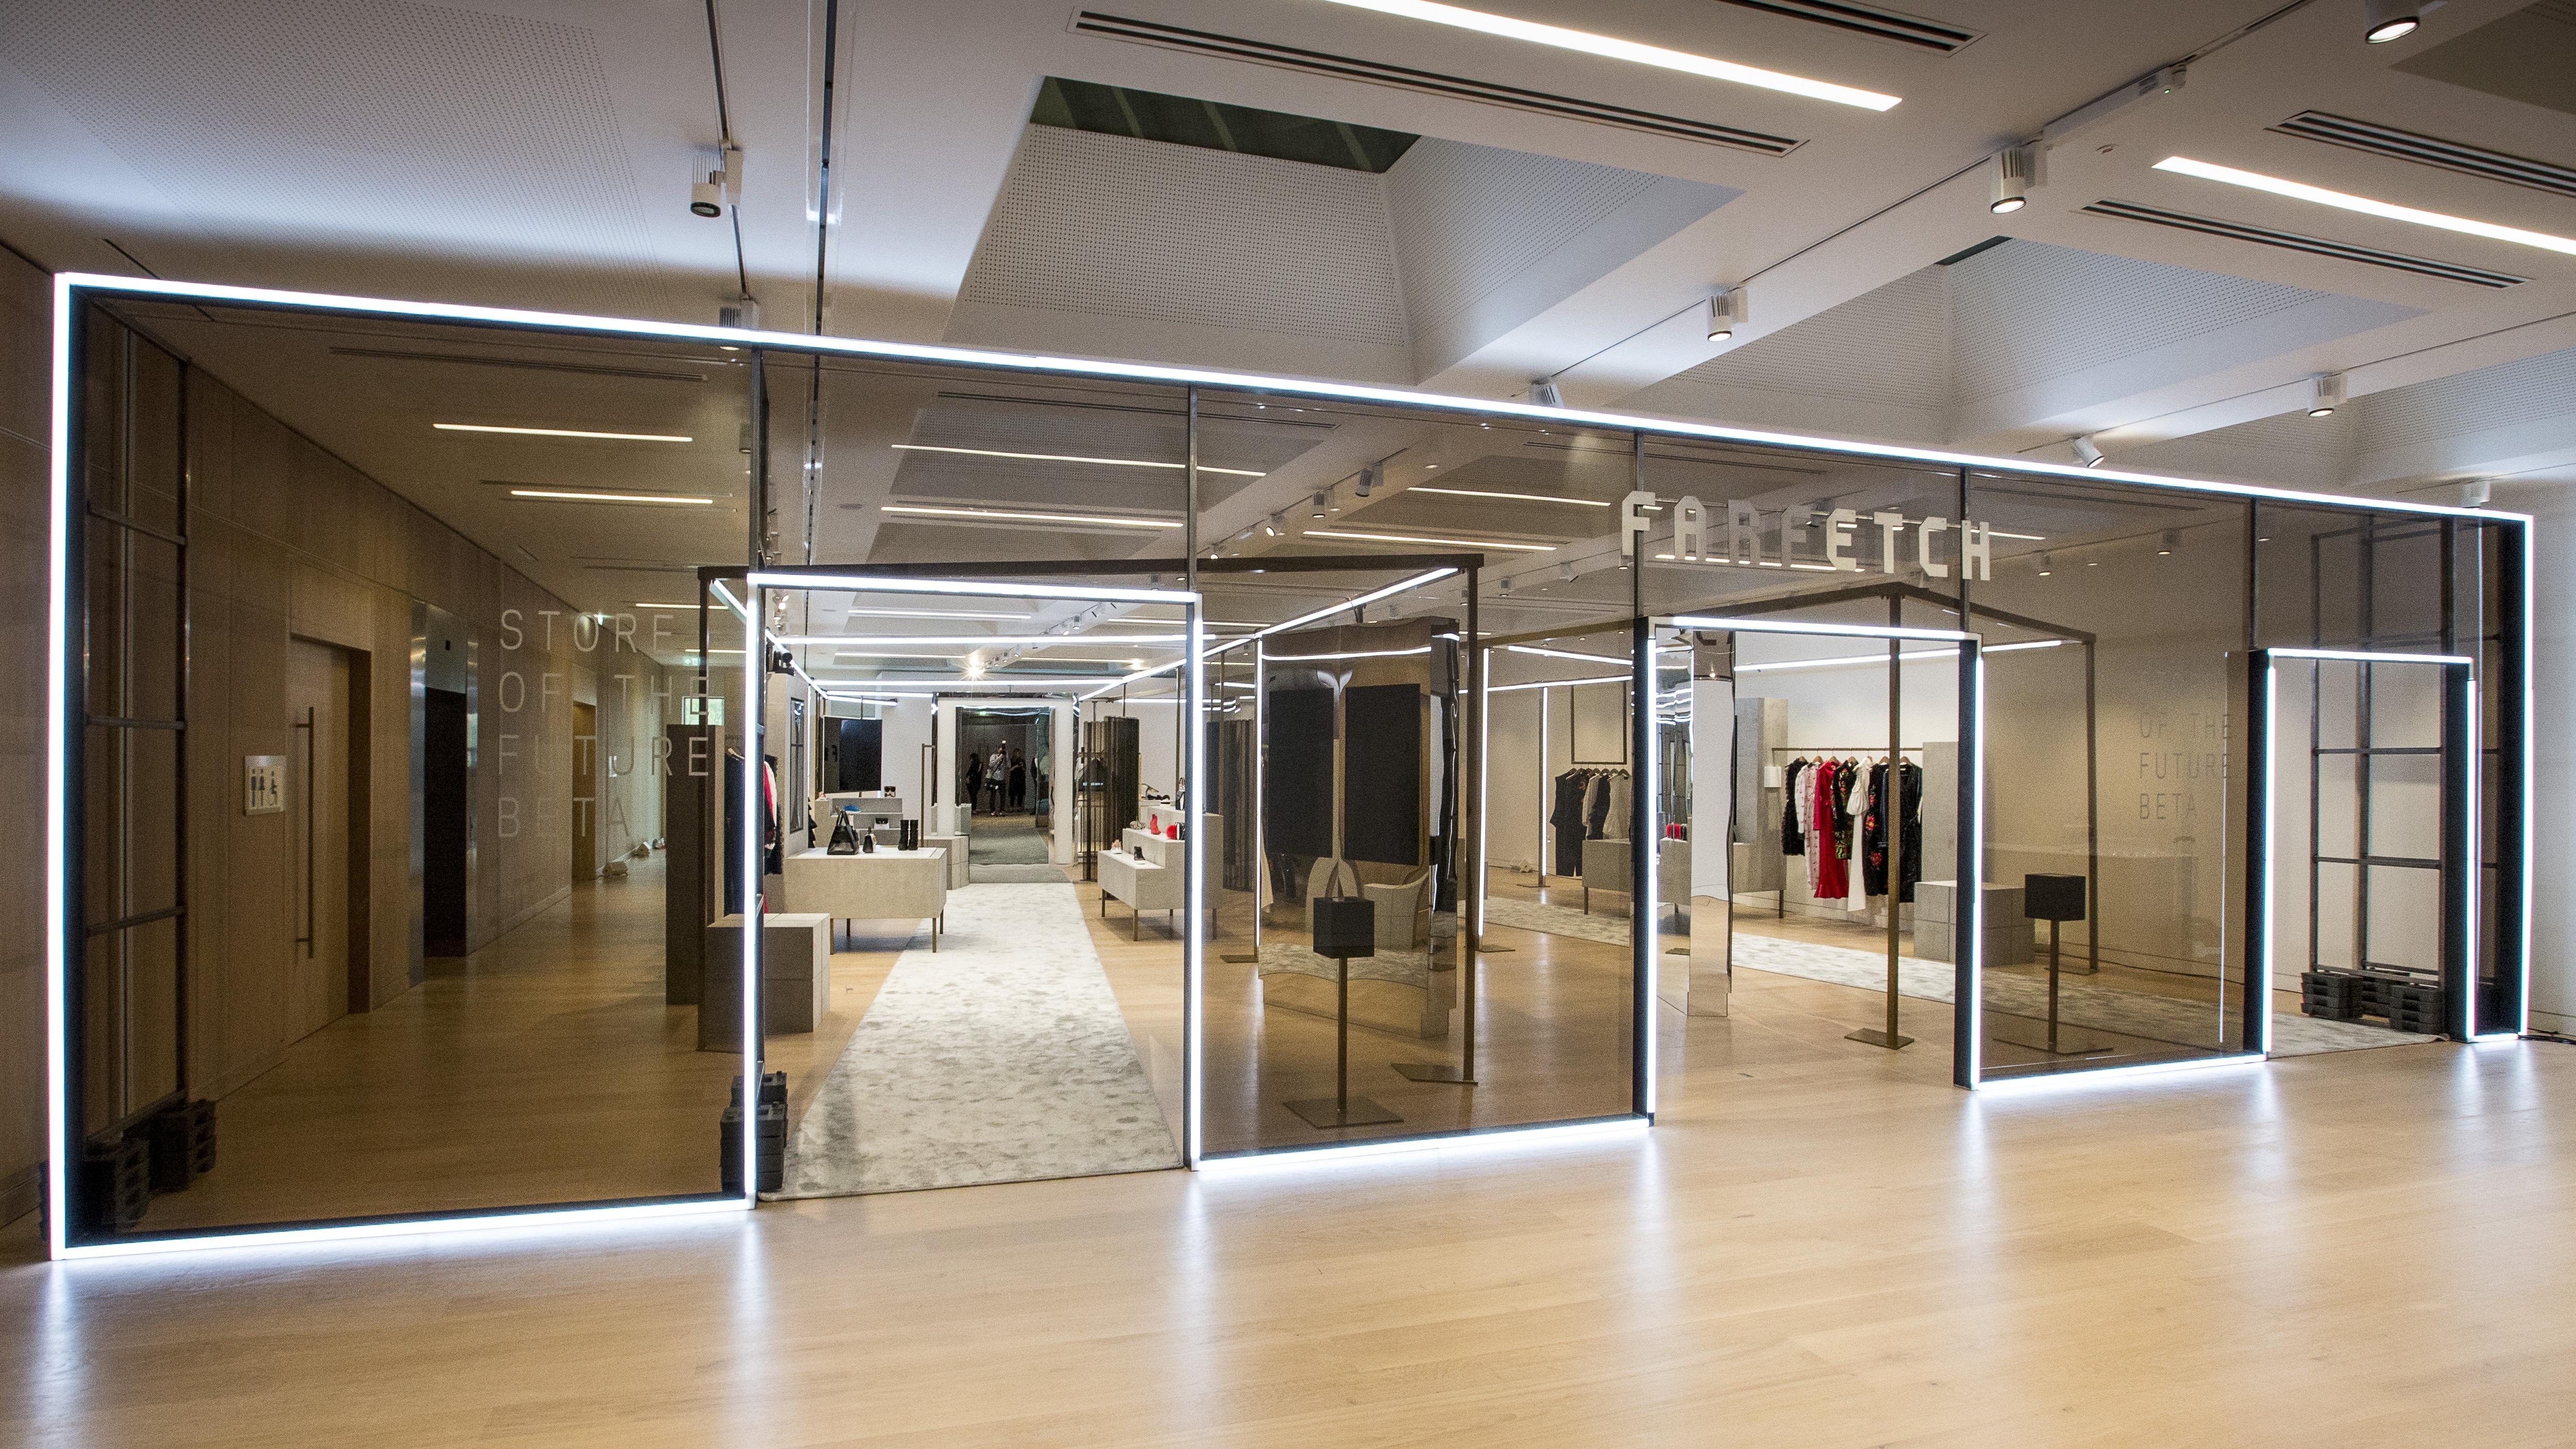 Farfetch's Store of the Future